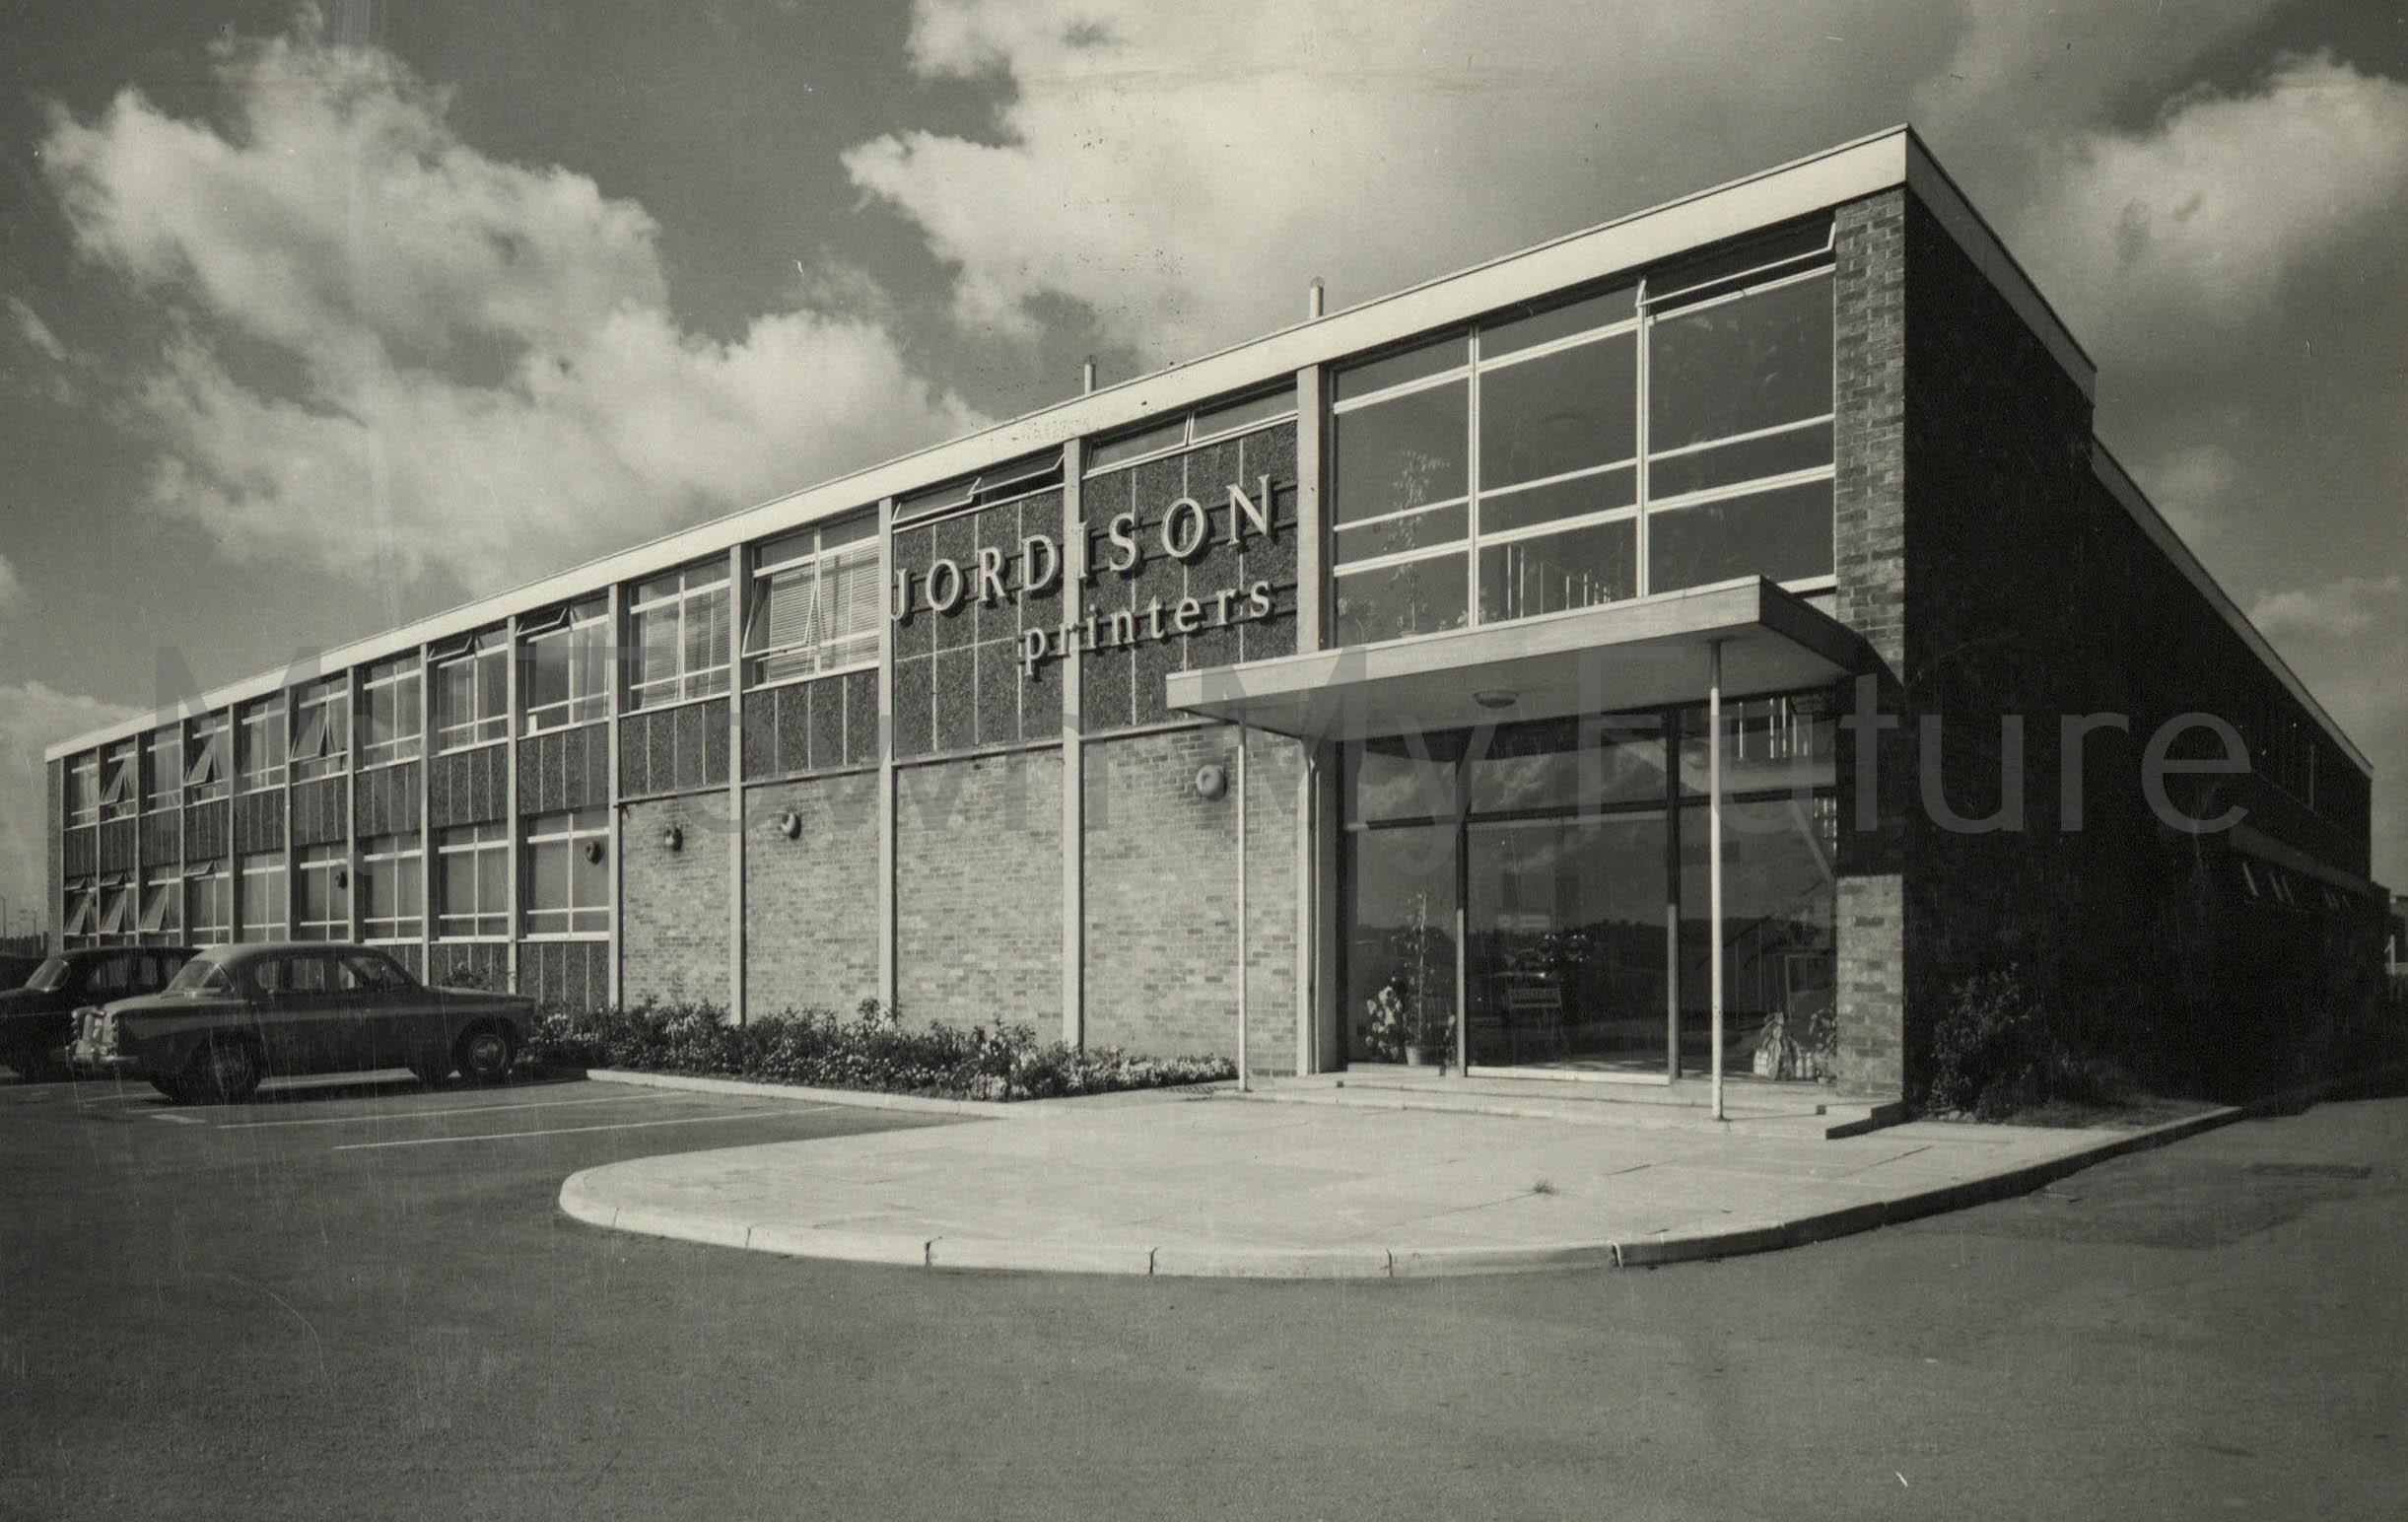 Jordison Printers (1966)